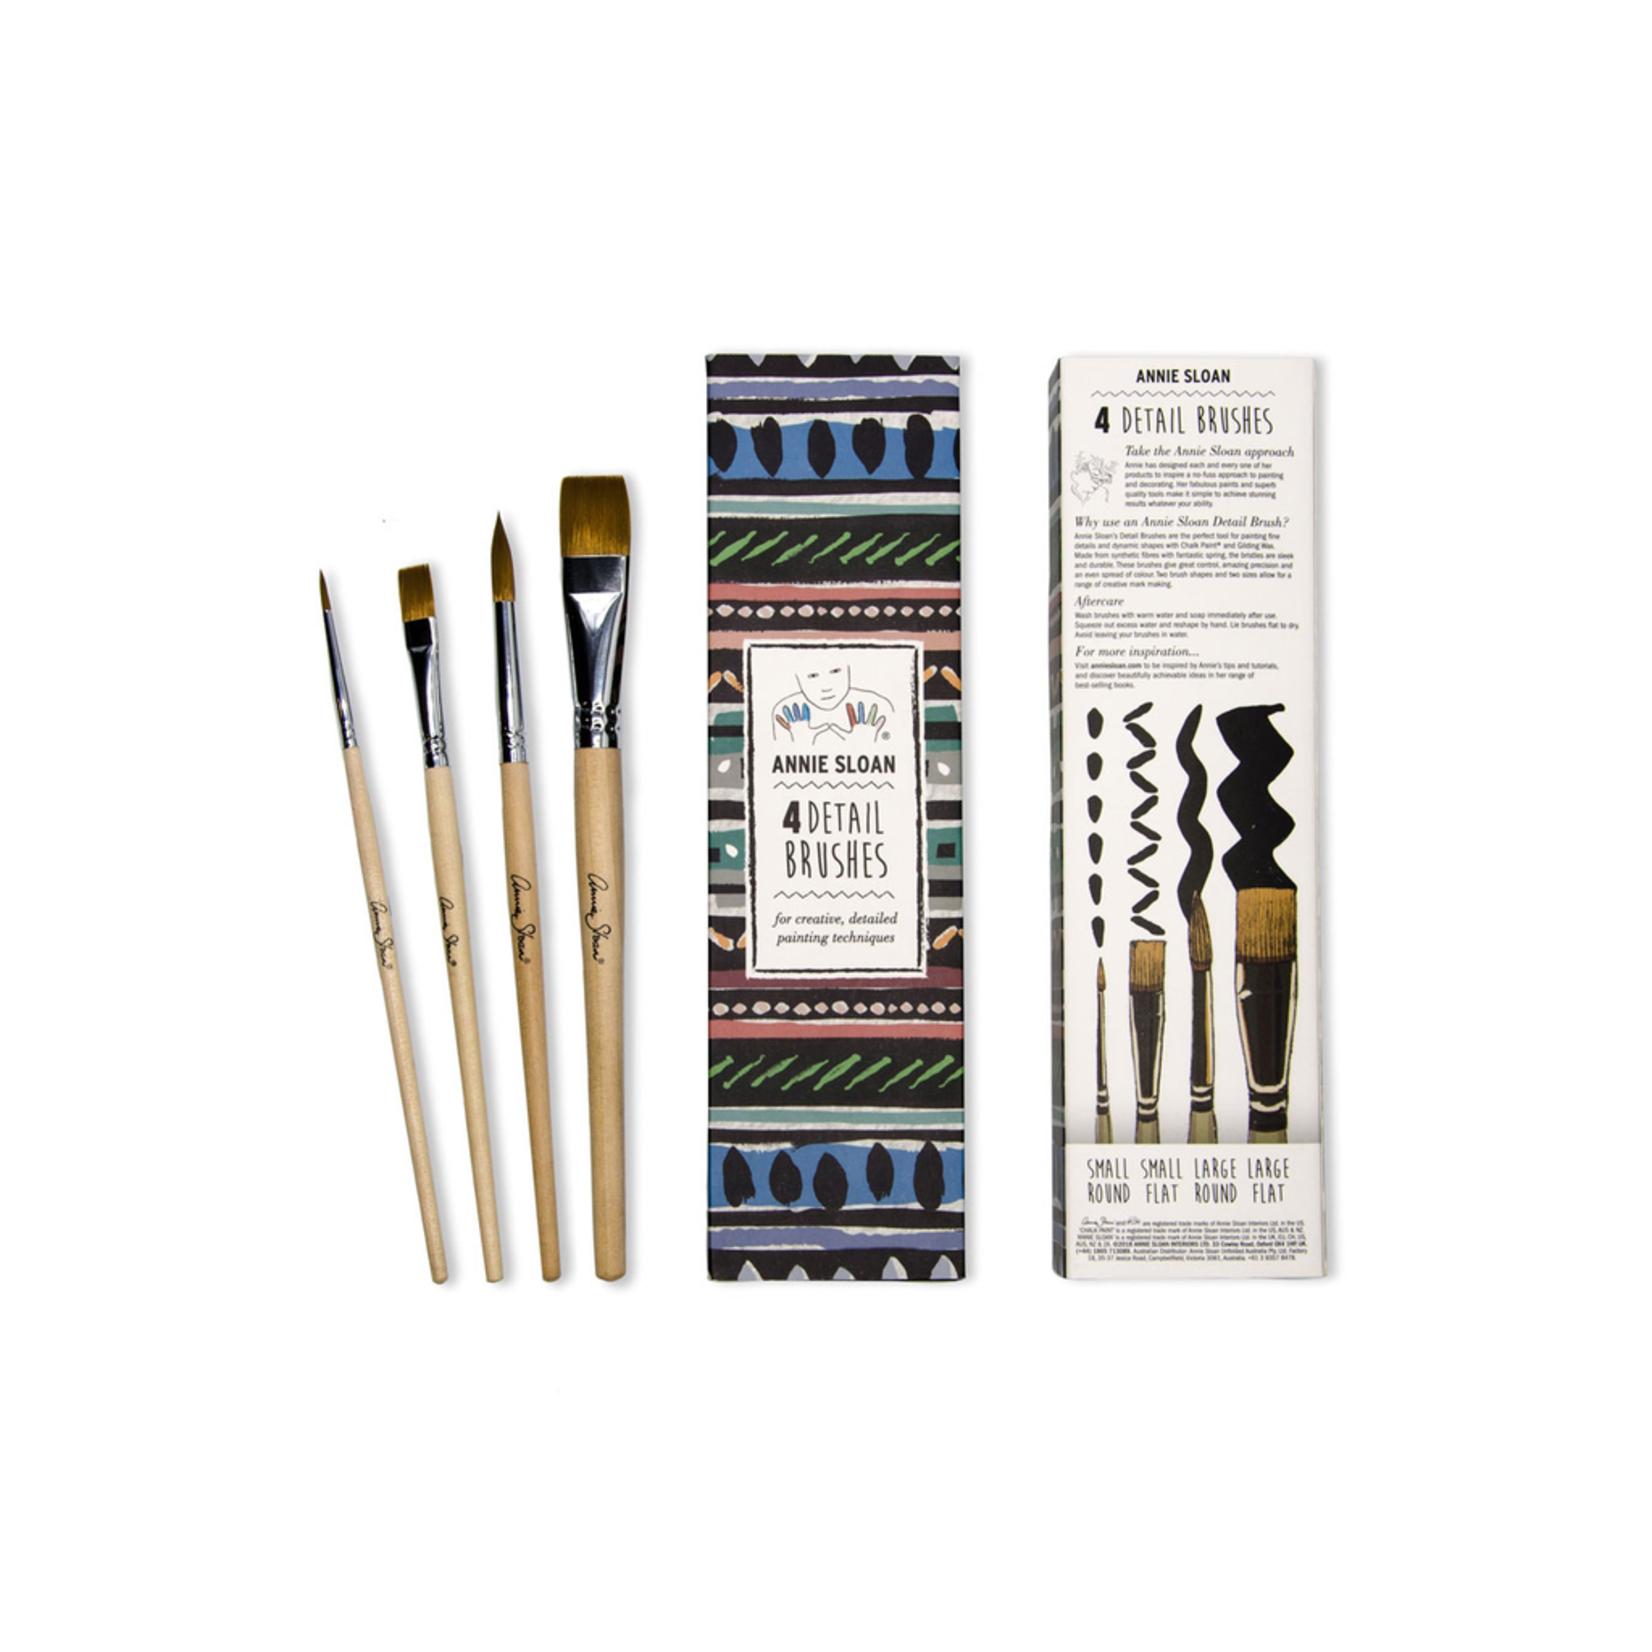 Annie Sloan Annie Sloan Detail Brushes - 4 Pack